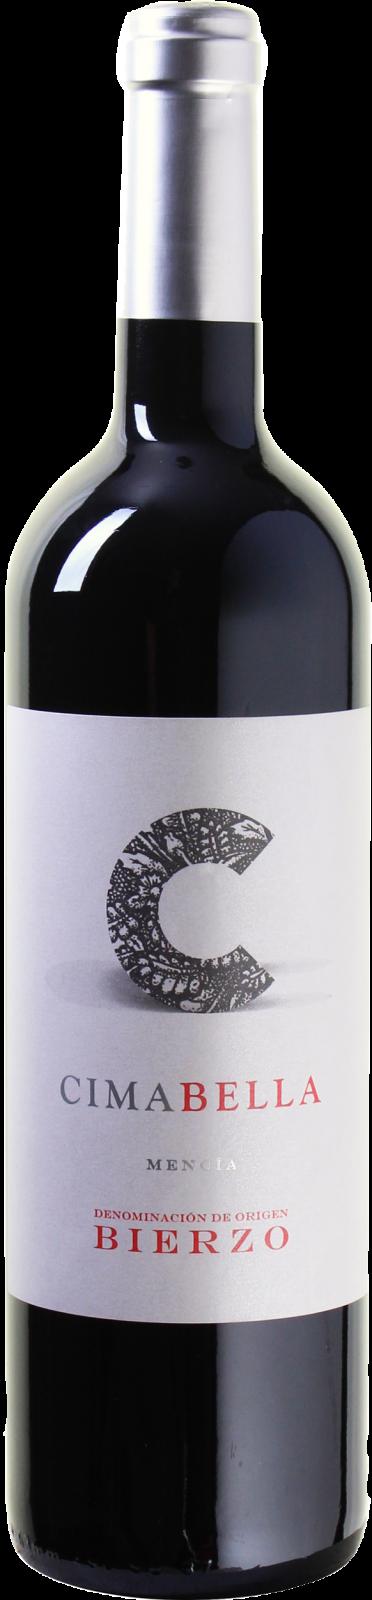 Gotín del Risc 'Cimabella' Mencia wijnbeurs.nl